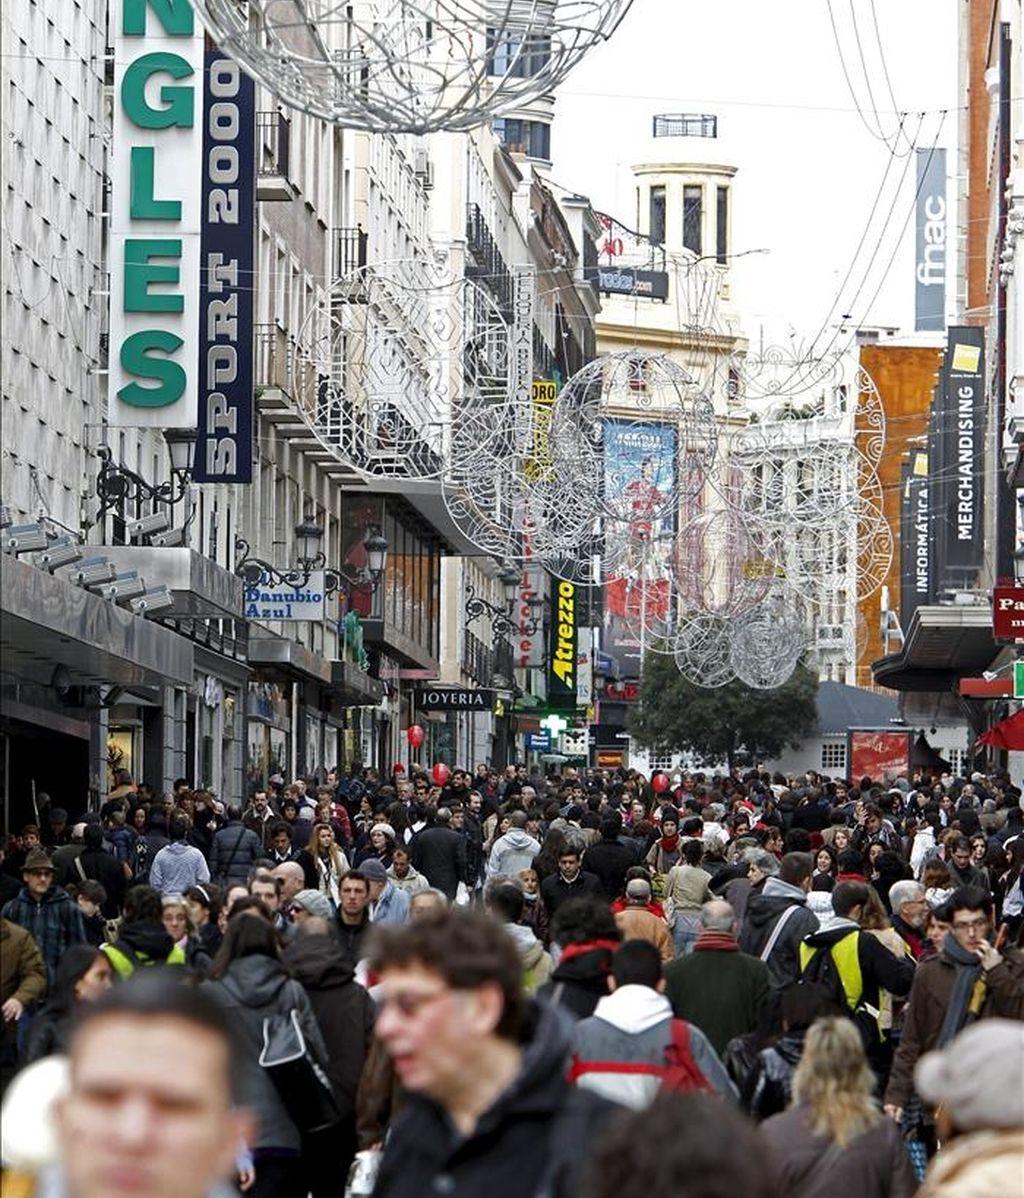 Vista general de la madrileña calle Preciados. EFE/Archivo